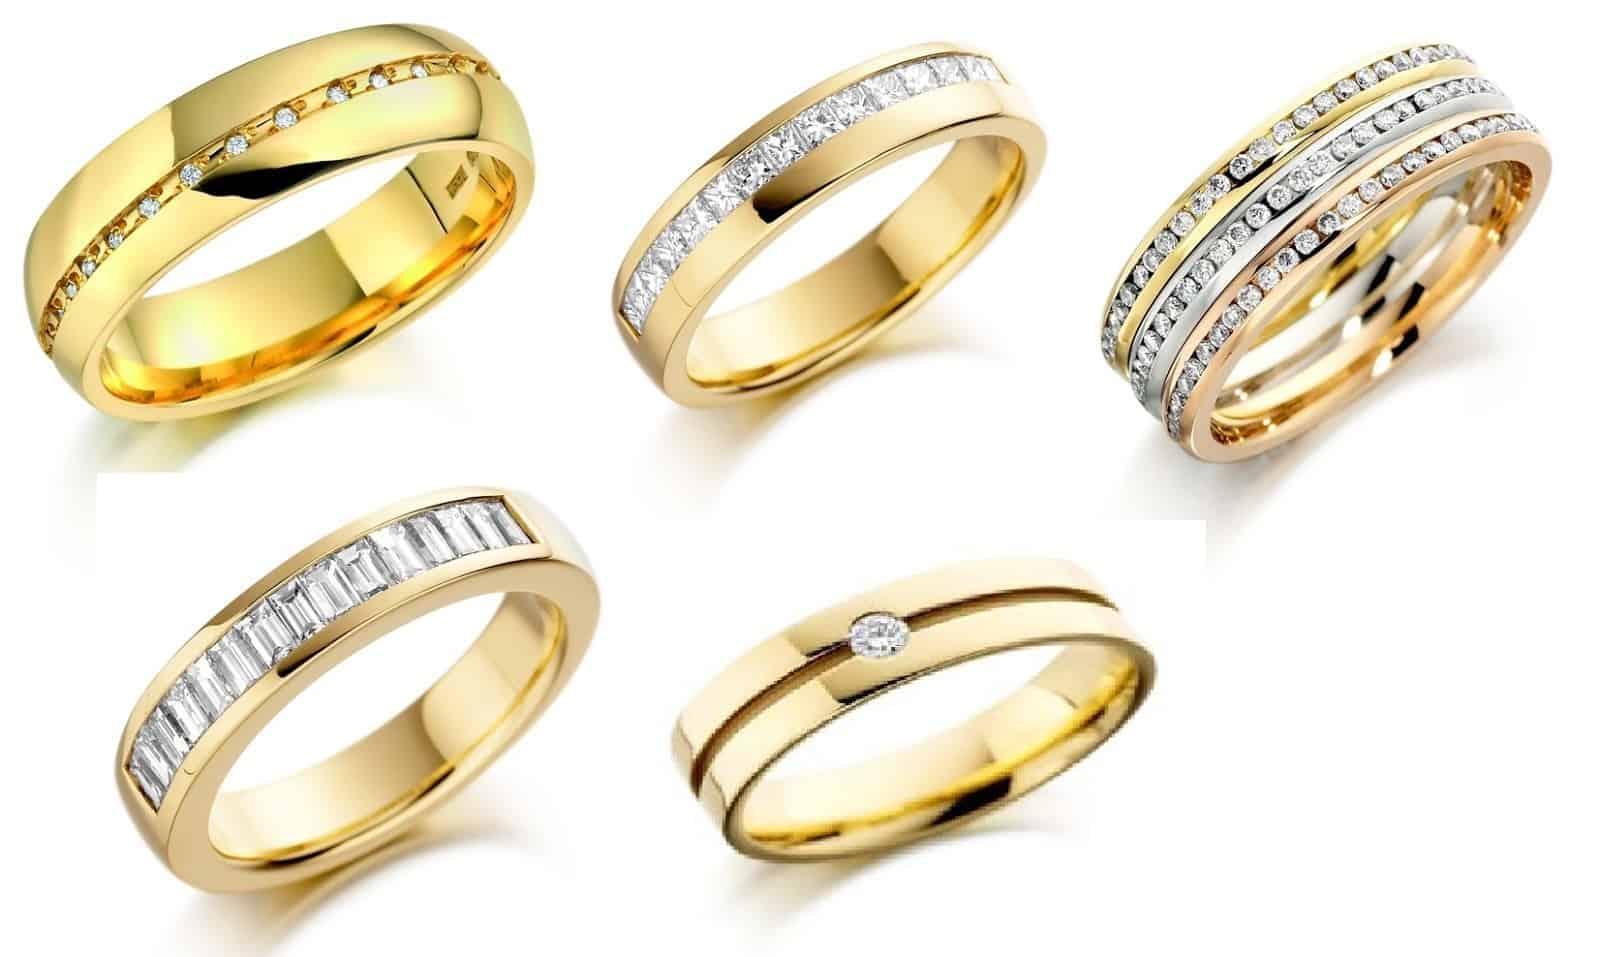 صور الخاتم في المنام للمتزوجة , تفسير رؤية الخاتم في الحلم